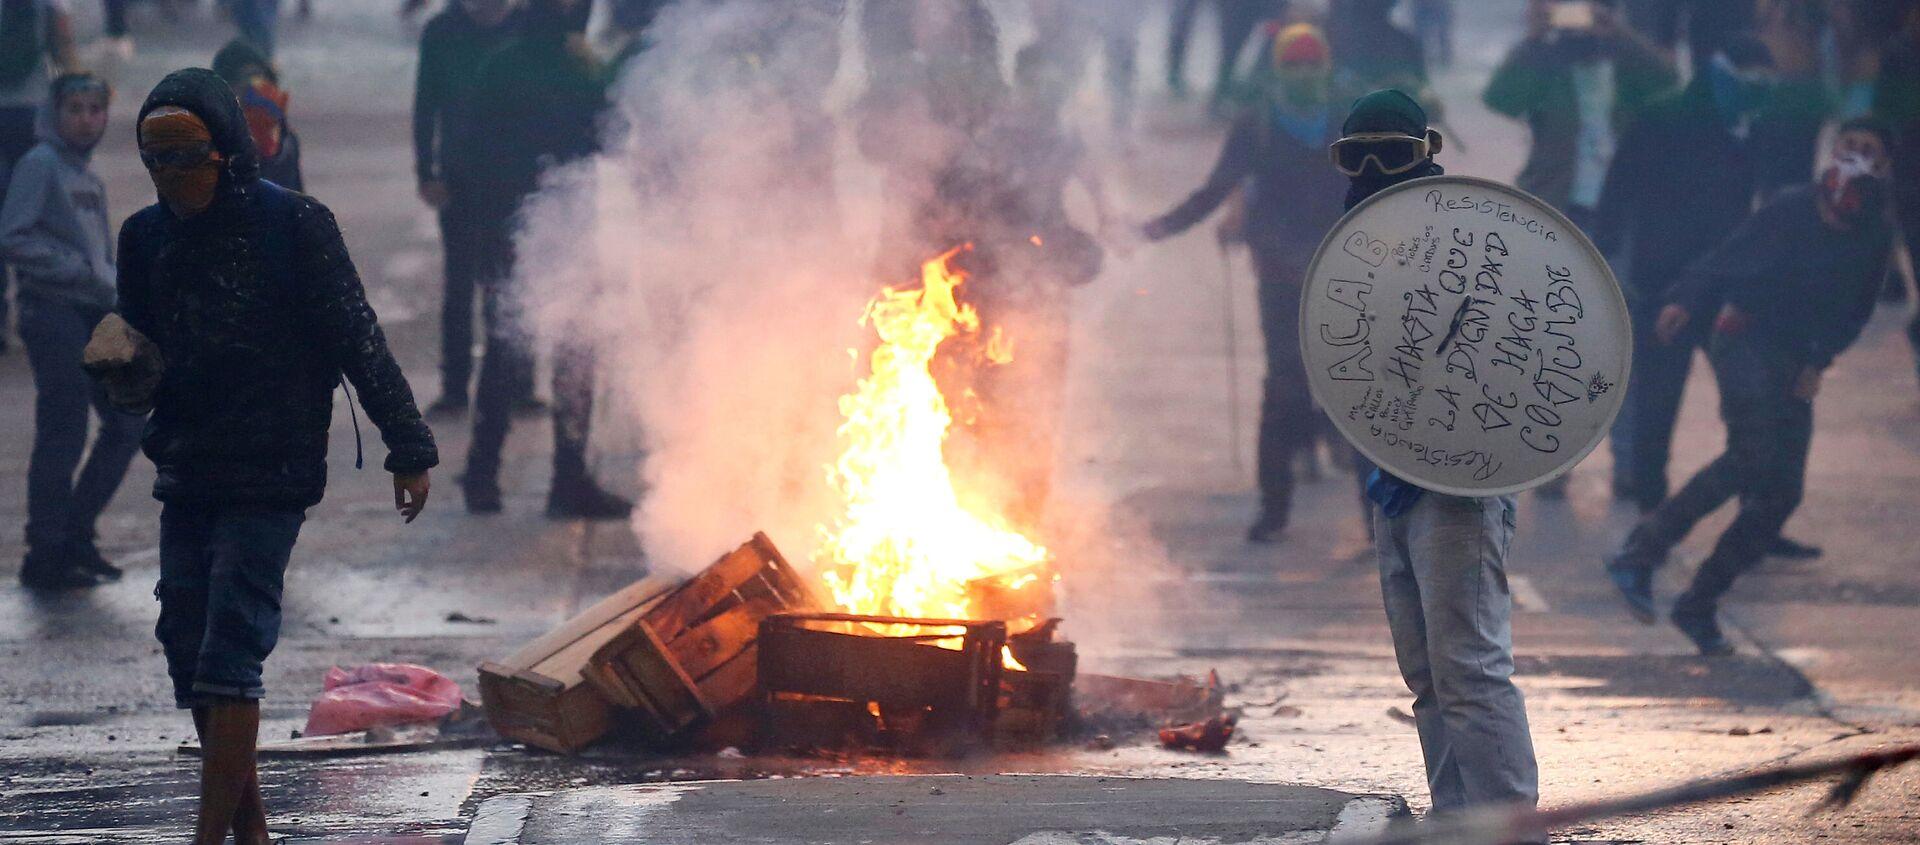 Protestas en Chile  - Sputnik Mundo, 1920, 31.01.2020